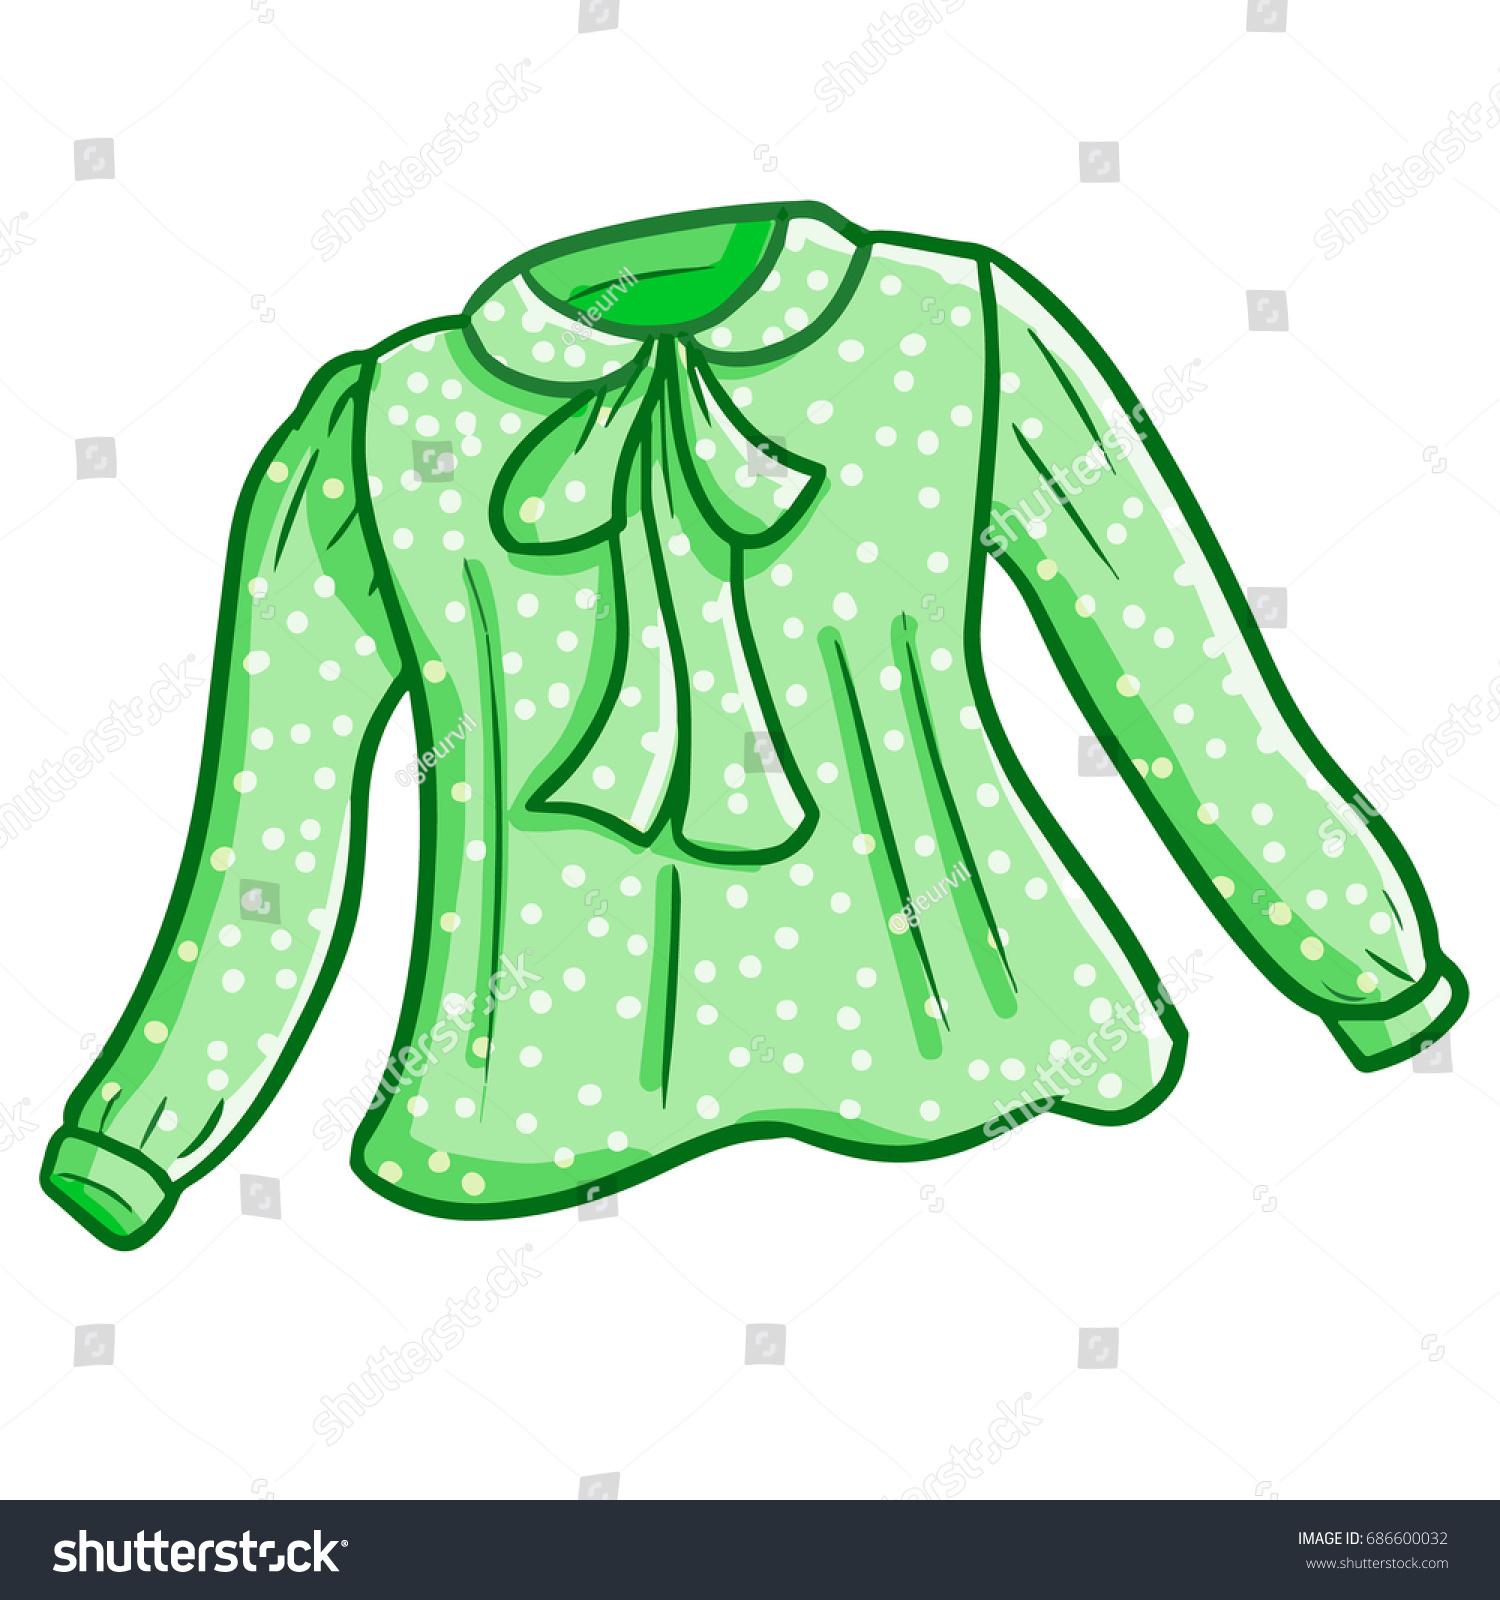 Блузка картинка для детей на прозрачном фоне